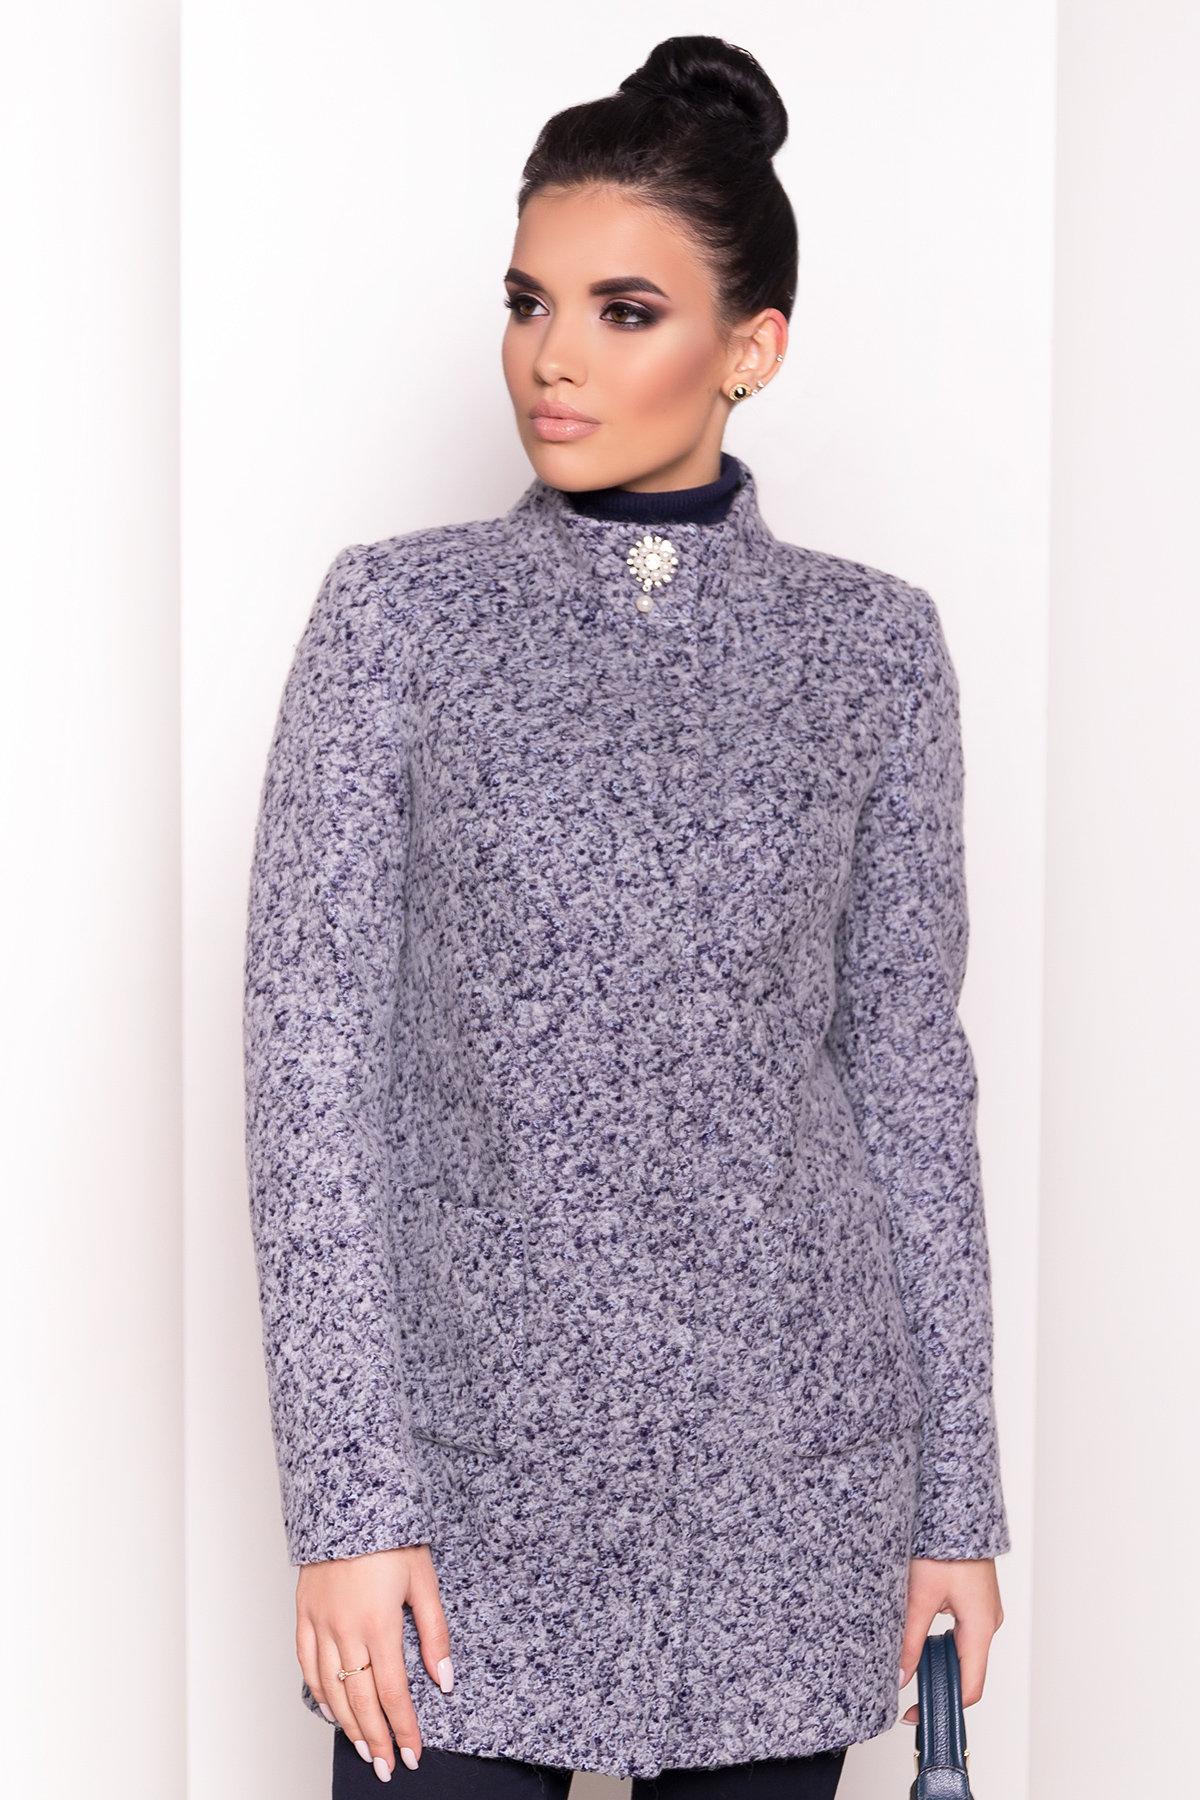 Пальто Мелини 0442 АРТ. 6778 Цвет: Серый - фото 4, интернет магазин tm-modus.ru